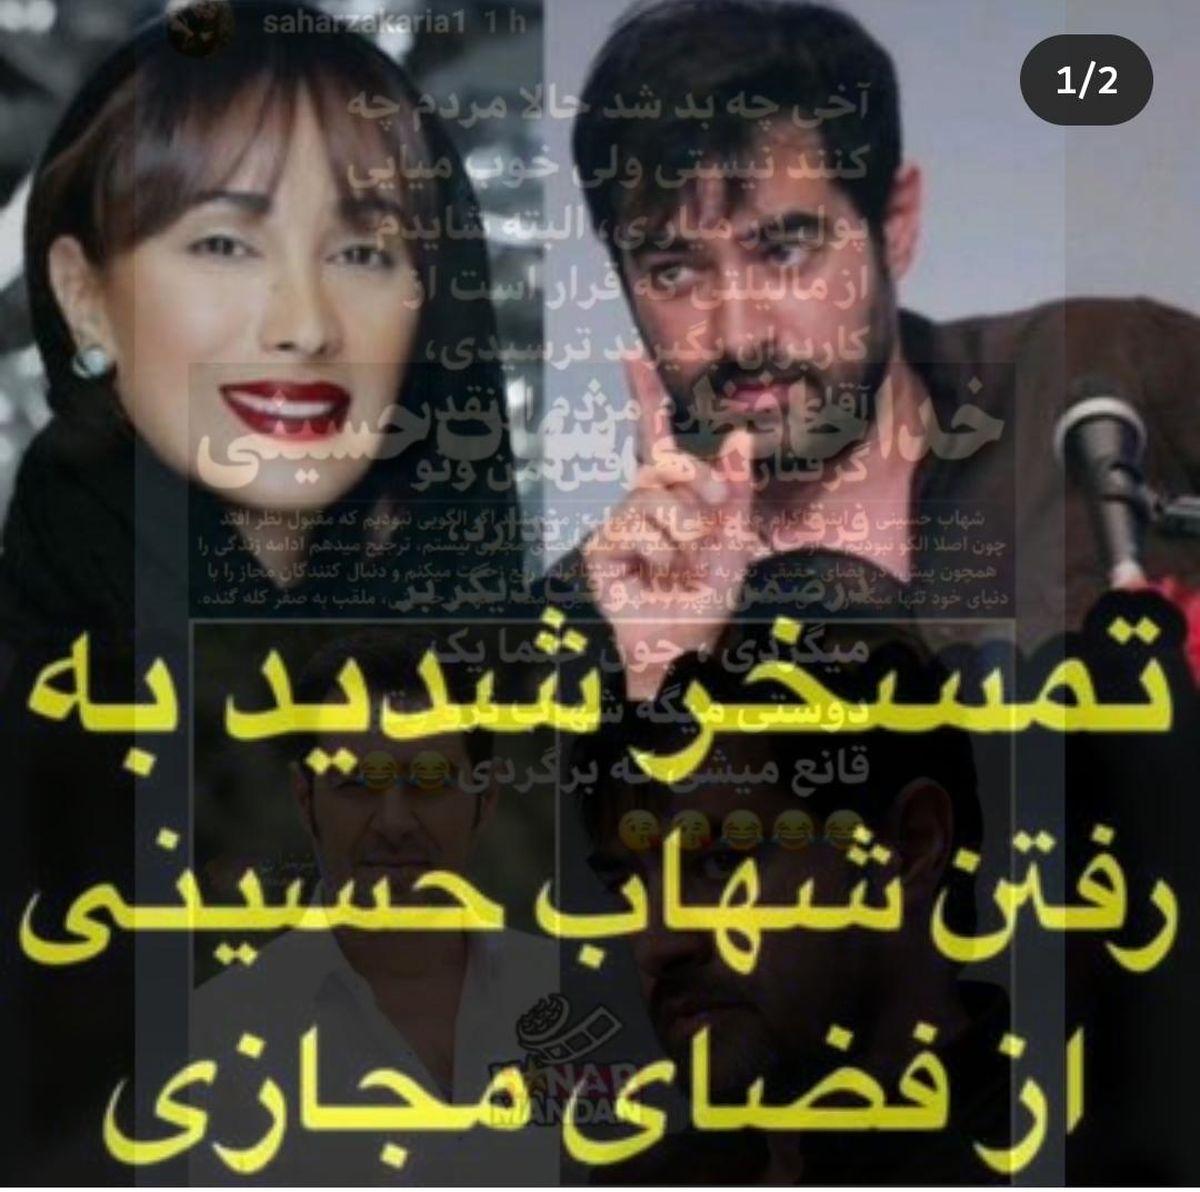 توهین سحر زکریا به شهاب حسینی / جنجال جدید خانم بازیگر + فیلم